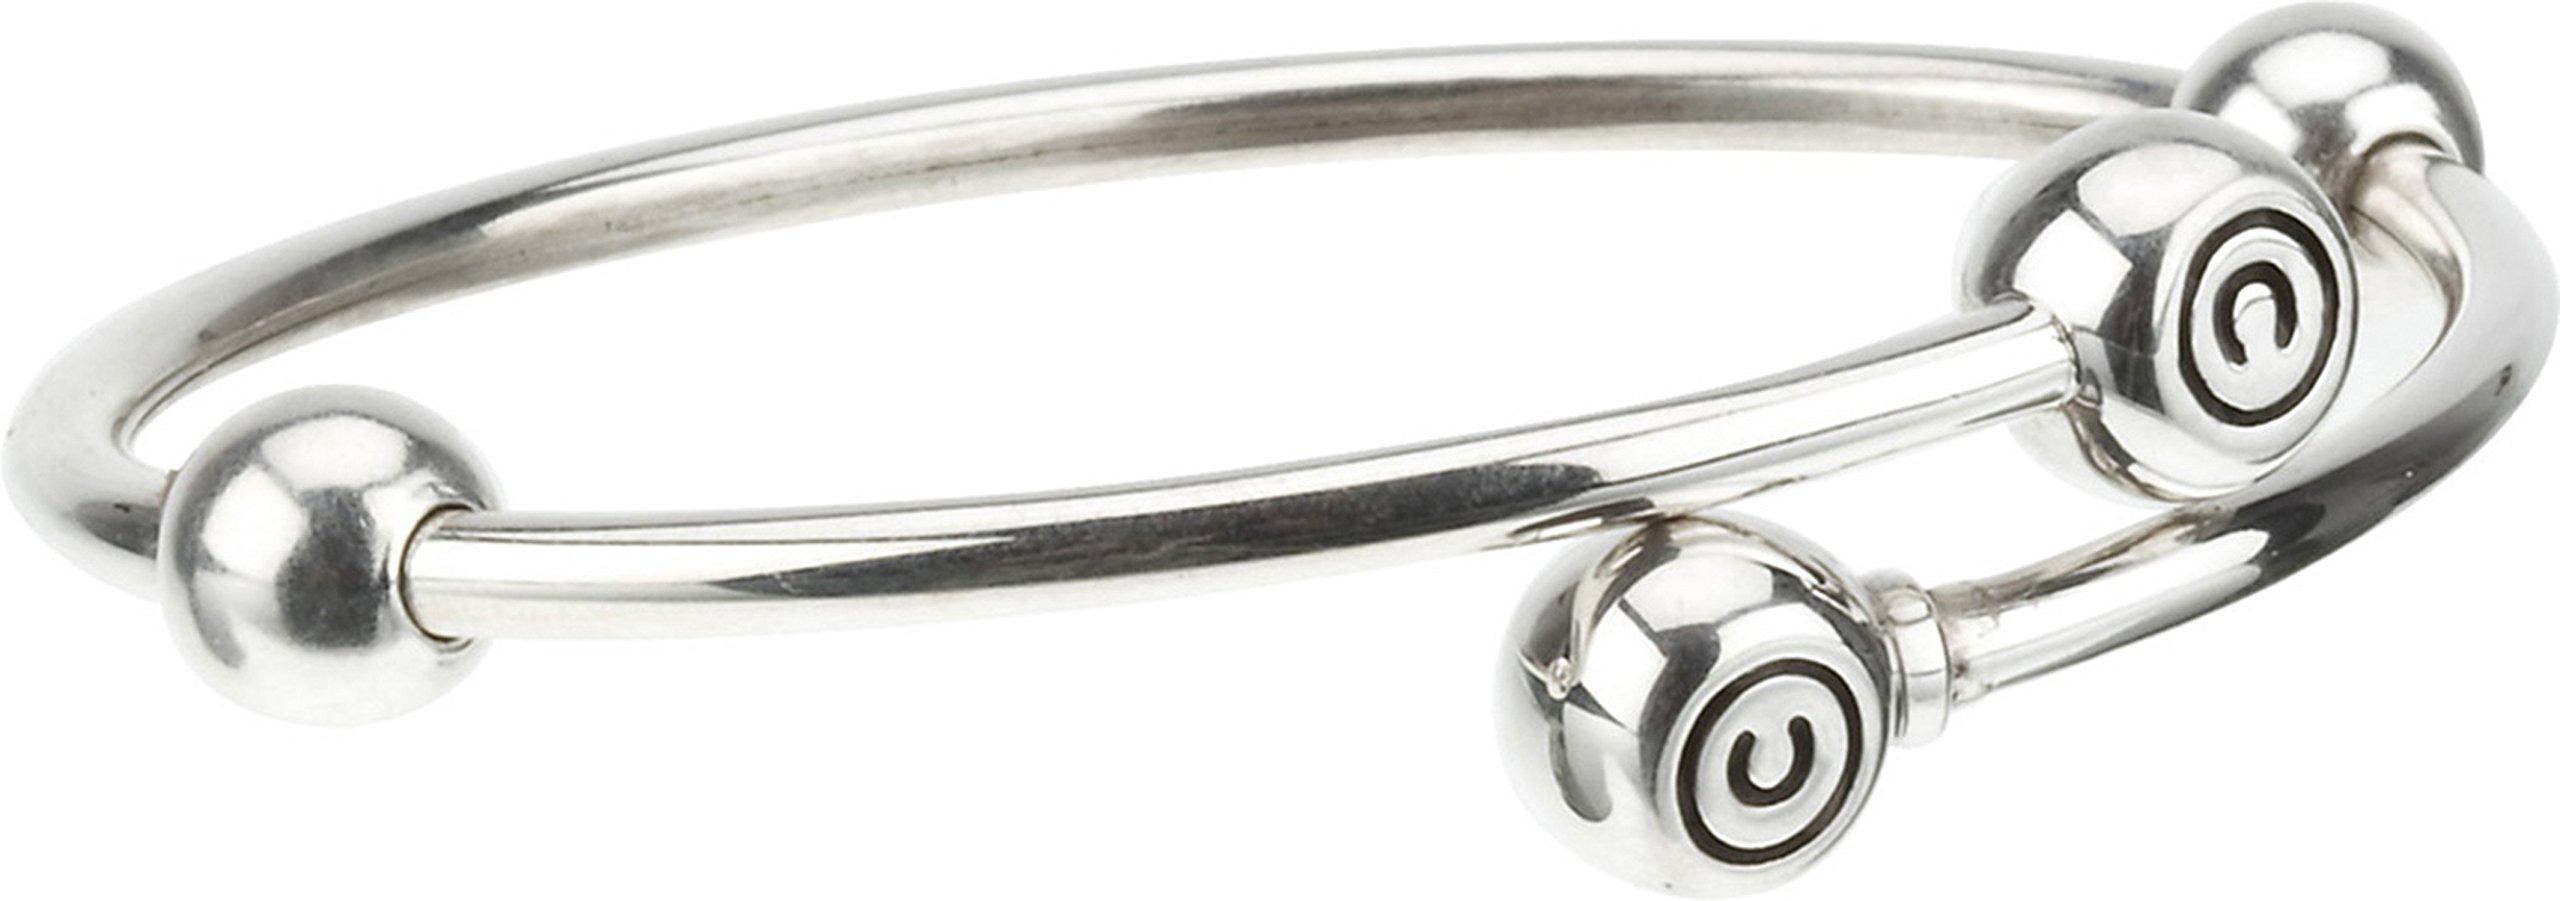 Authentic Chamilia Sterling Silver Medium Flex Bangle 7.9 in. / 20.1 cm 1021-0012